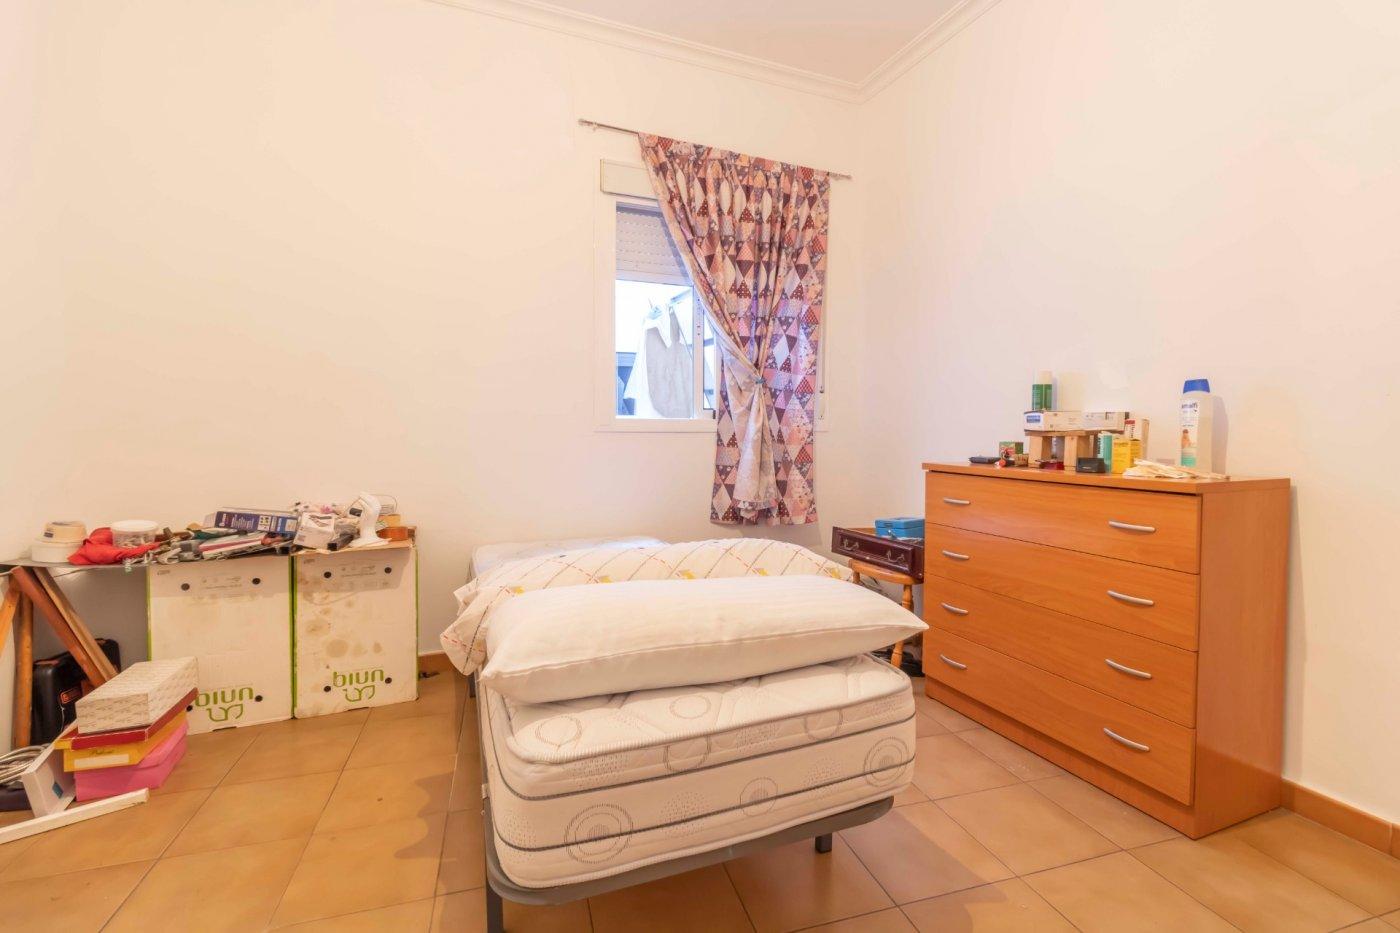 2 pisos a la venta por el precio de uno en zona padre pÍo - imagenInmueble8